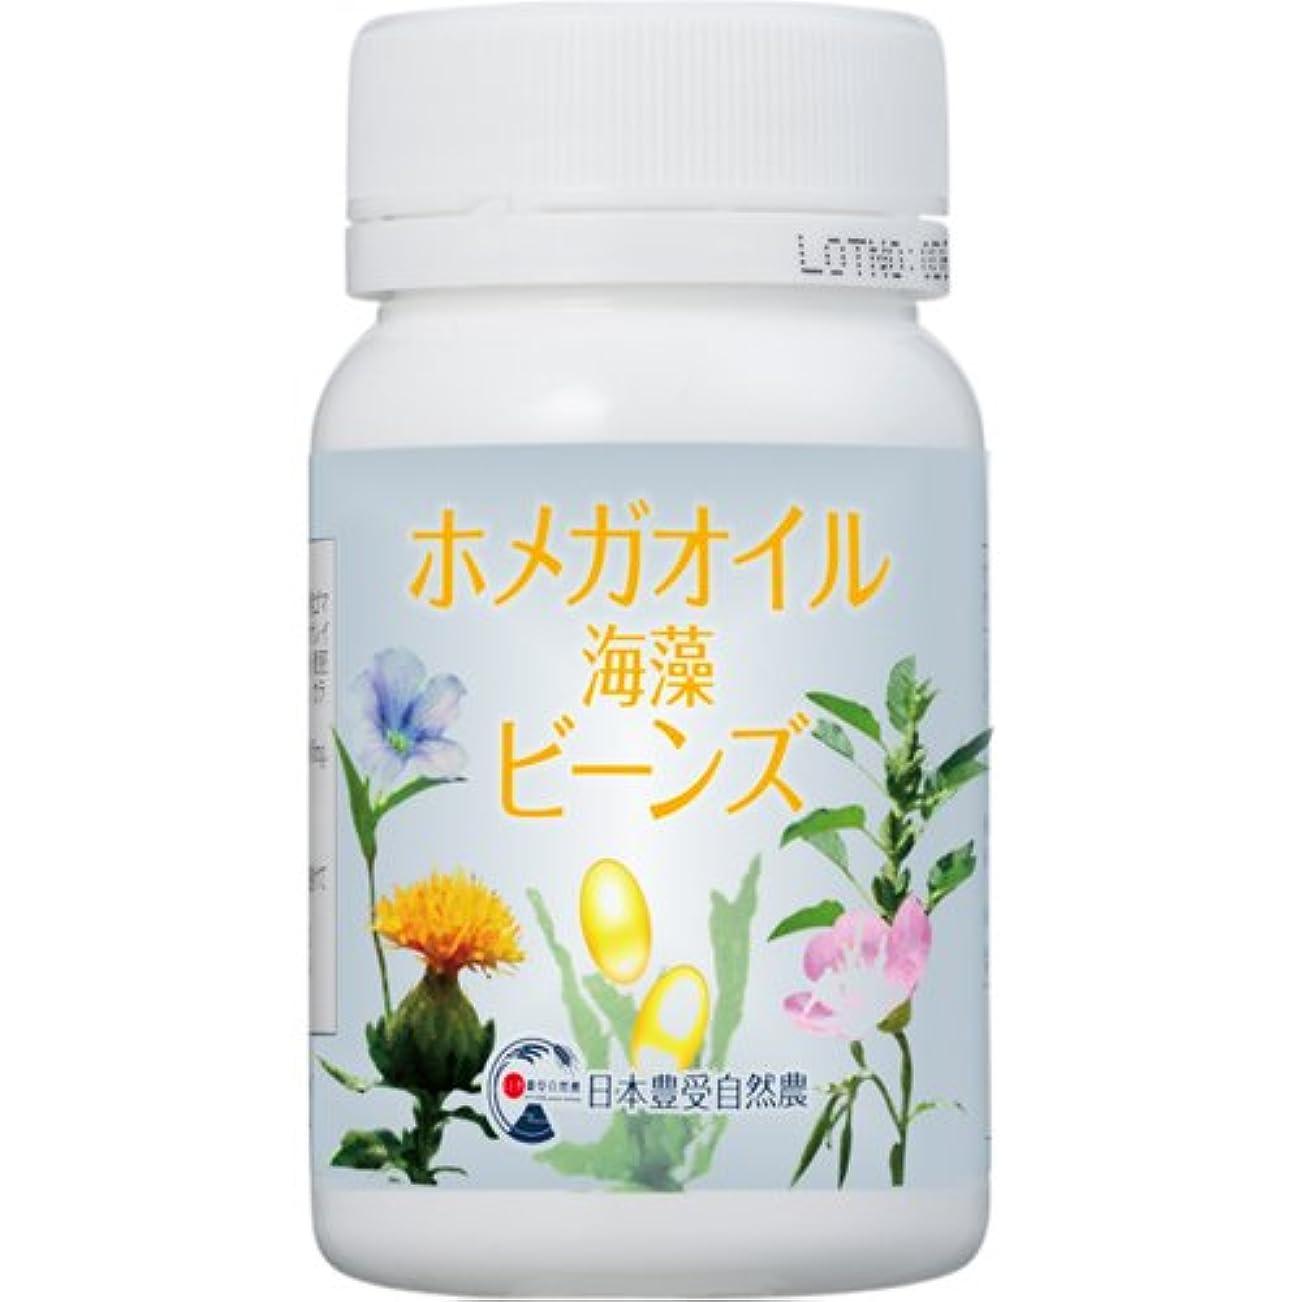 カウント水平しっかり日本豊受自然農 ホメガオイル海藻ビーンズ 約90粒